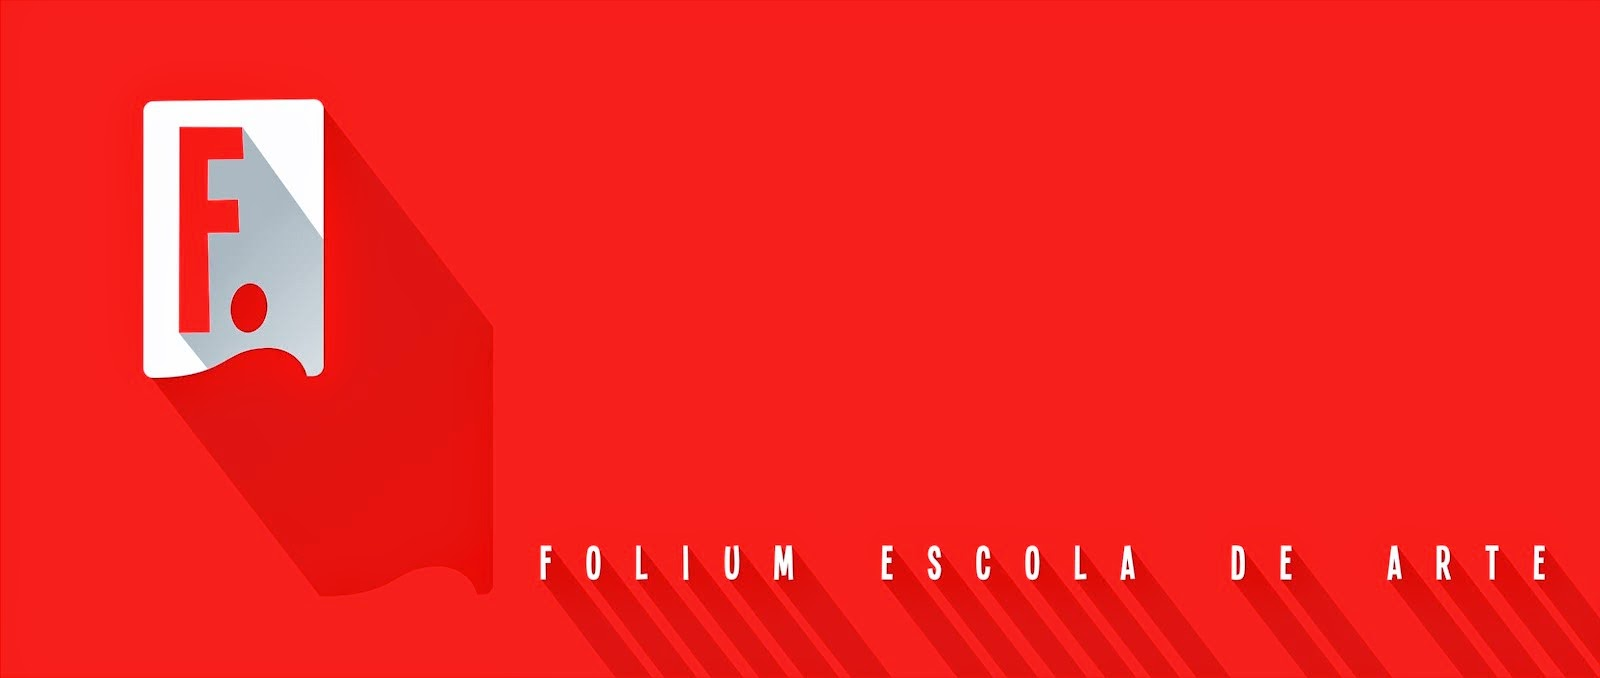 Folium-escola de arte